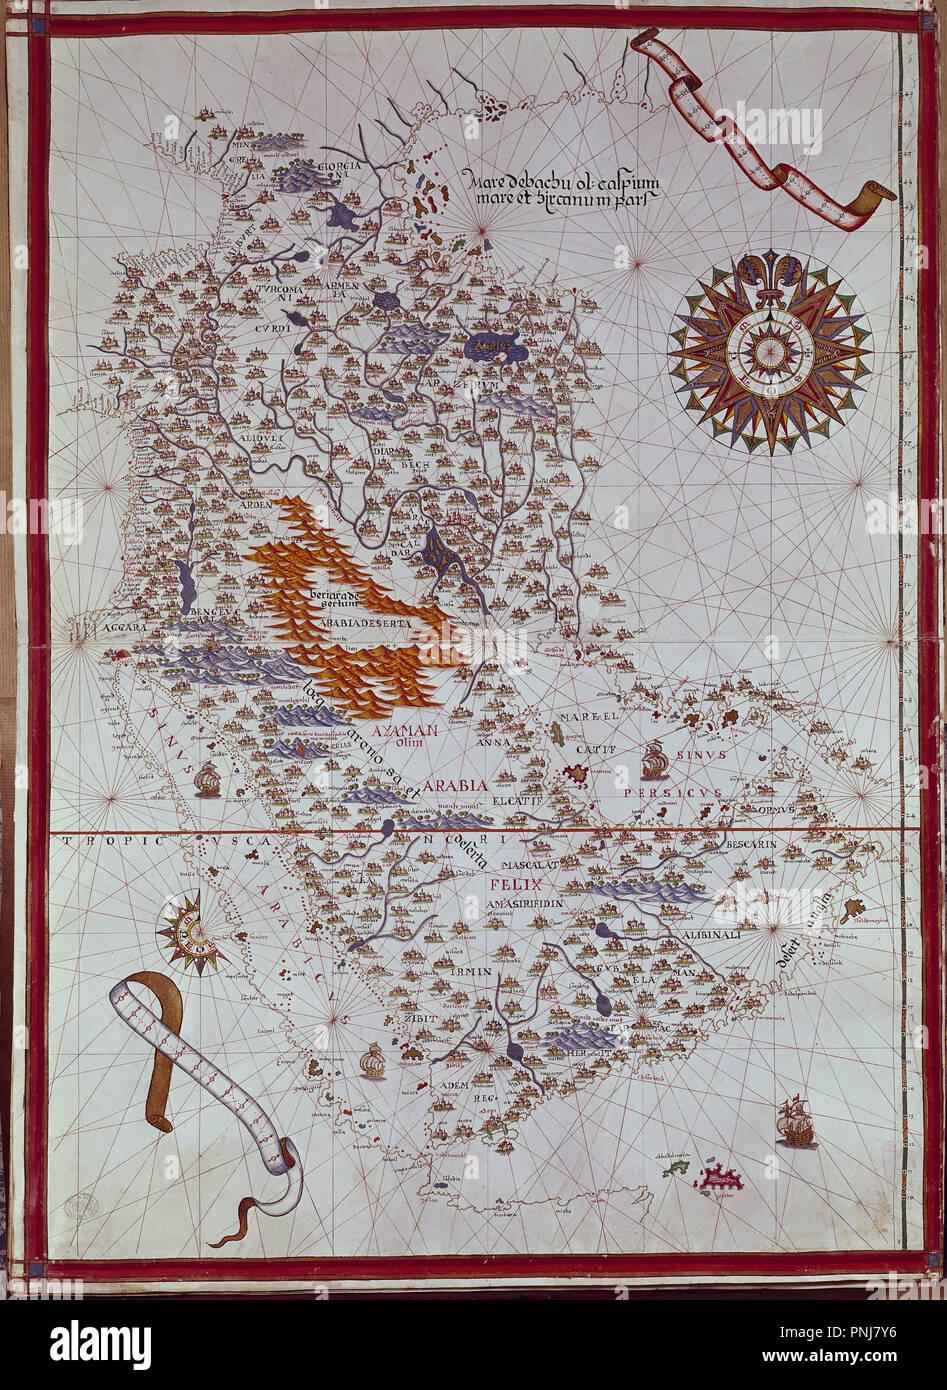 ATLAS PORTULANO ORIENTE MEDIO VIT 20 - Peninsula de ARABIA. Autore: MARTINEZ JUAN O MARTINEZ JOAN. Posizione: Biblioteca Nacional-COLECCION. MADRID. Spagna. Immagini Stock